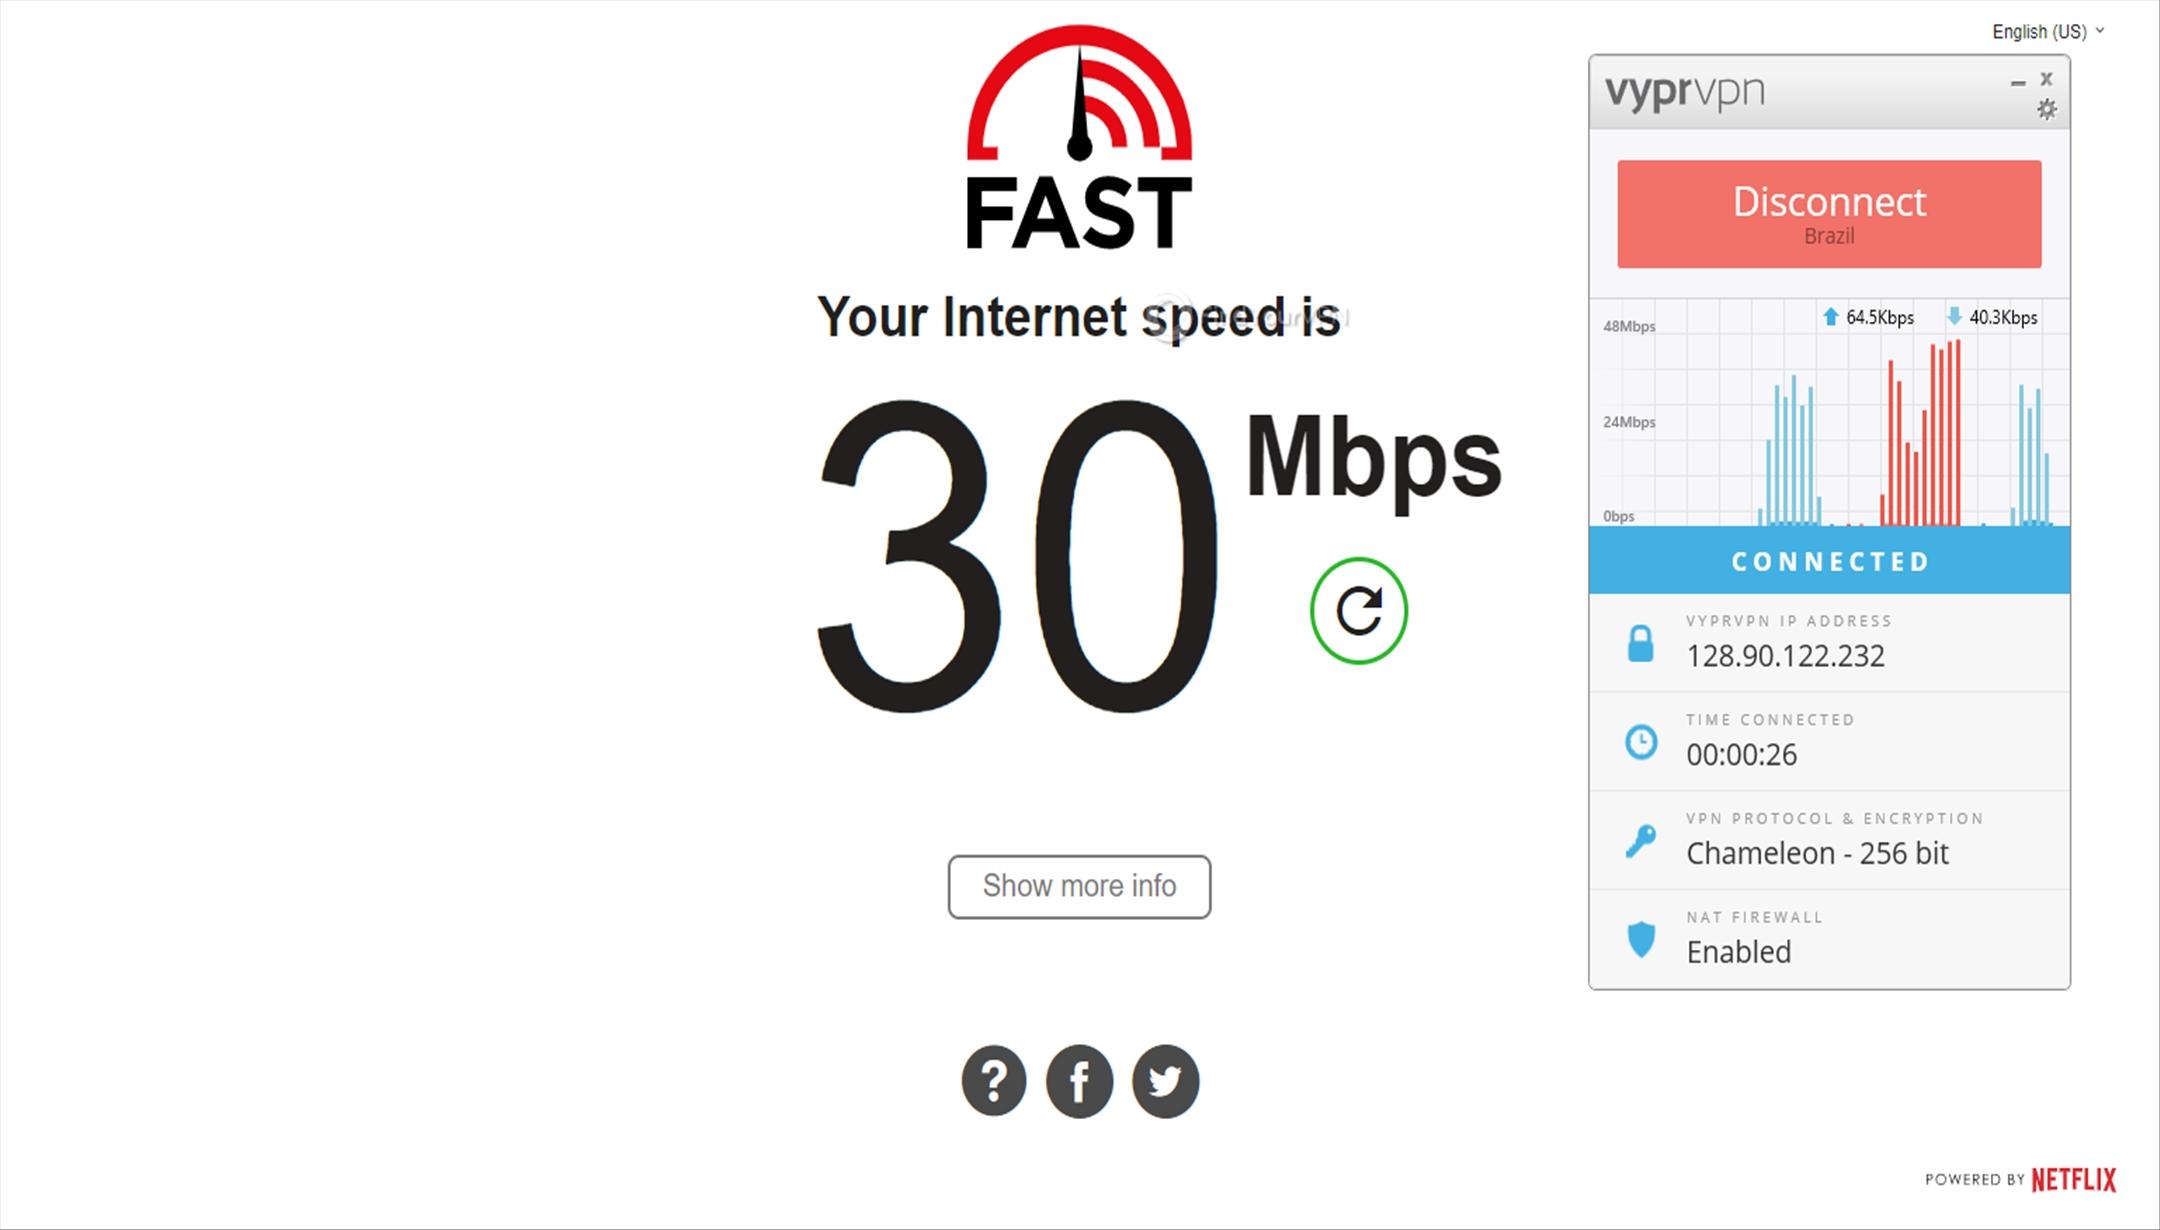 VyprVPN Brazil Speed Test 30 Mbps